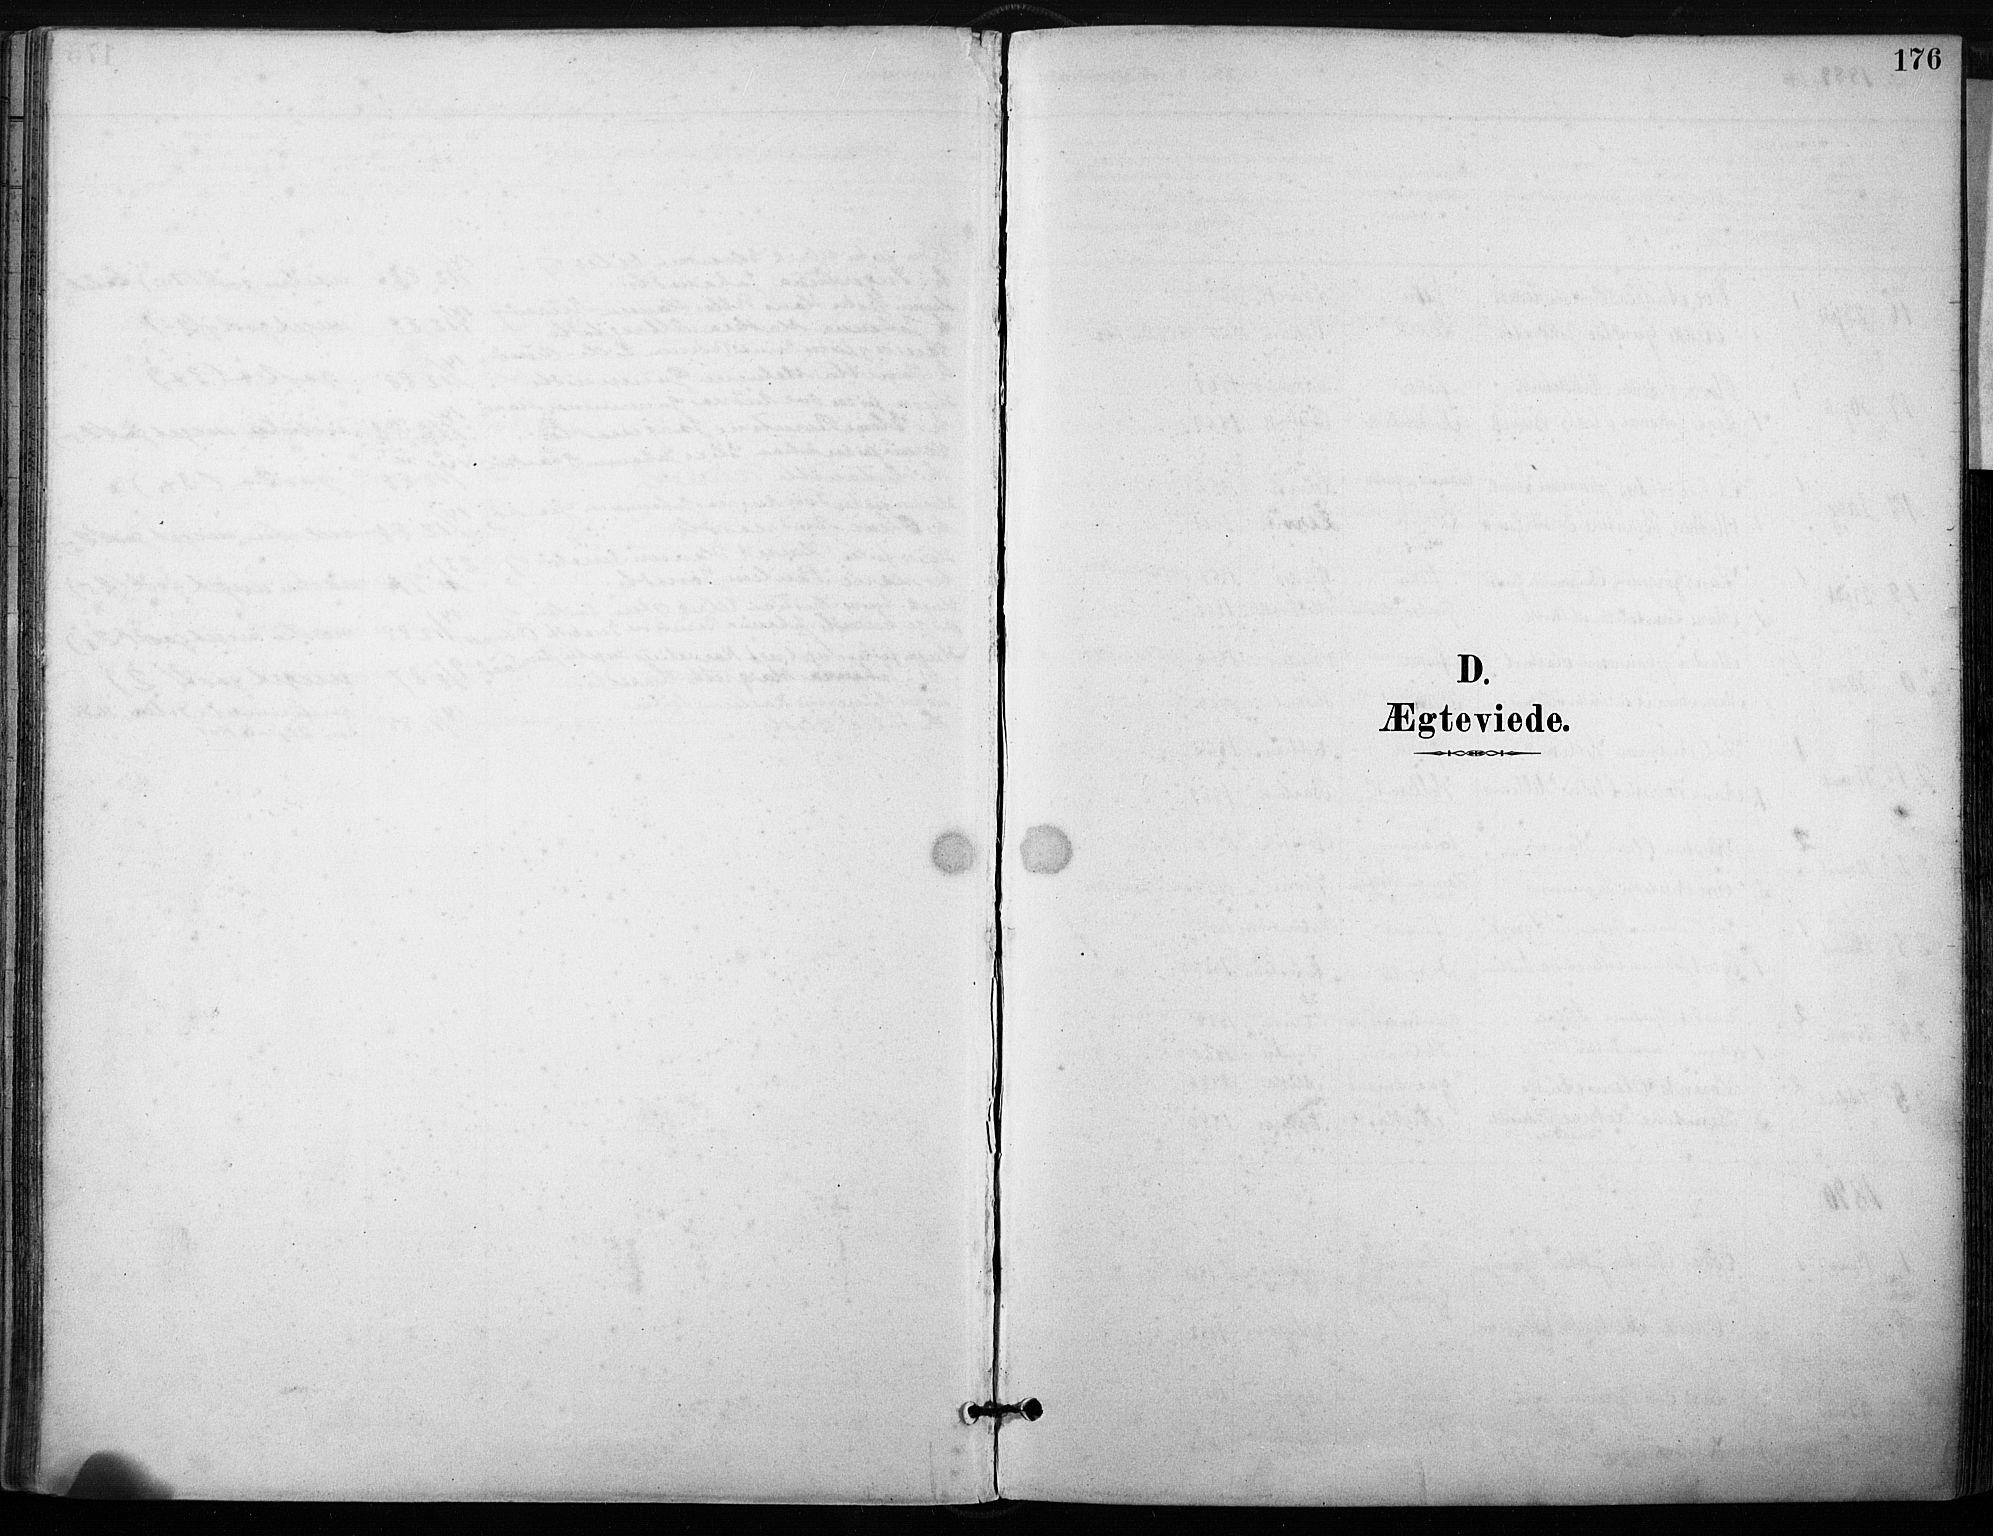 SAT, Ministerialprotokoller, klokkerbøker og fødselsregistre - Sør-Trøndelag, 640/L0579: Ministerialbok nr. 640A04, 1889-1902, s. 176